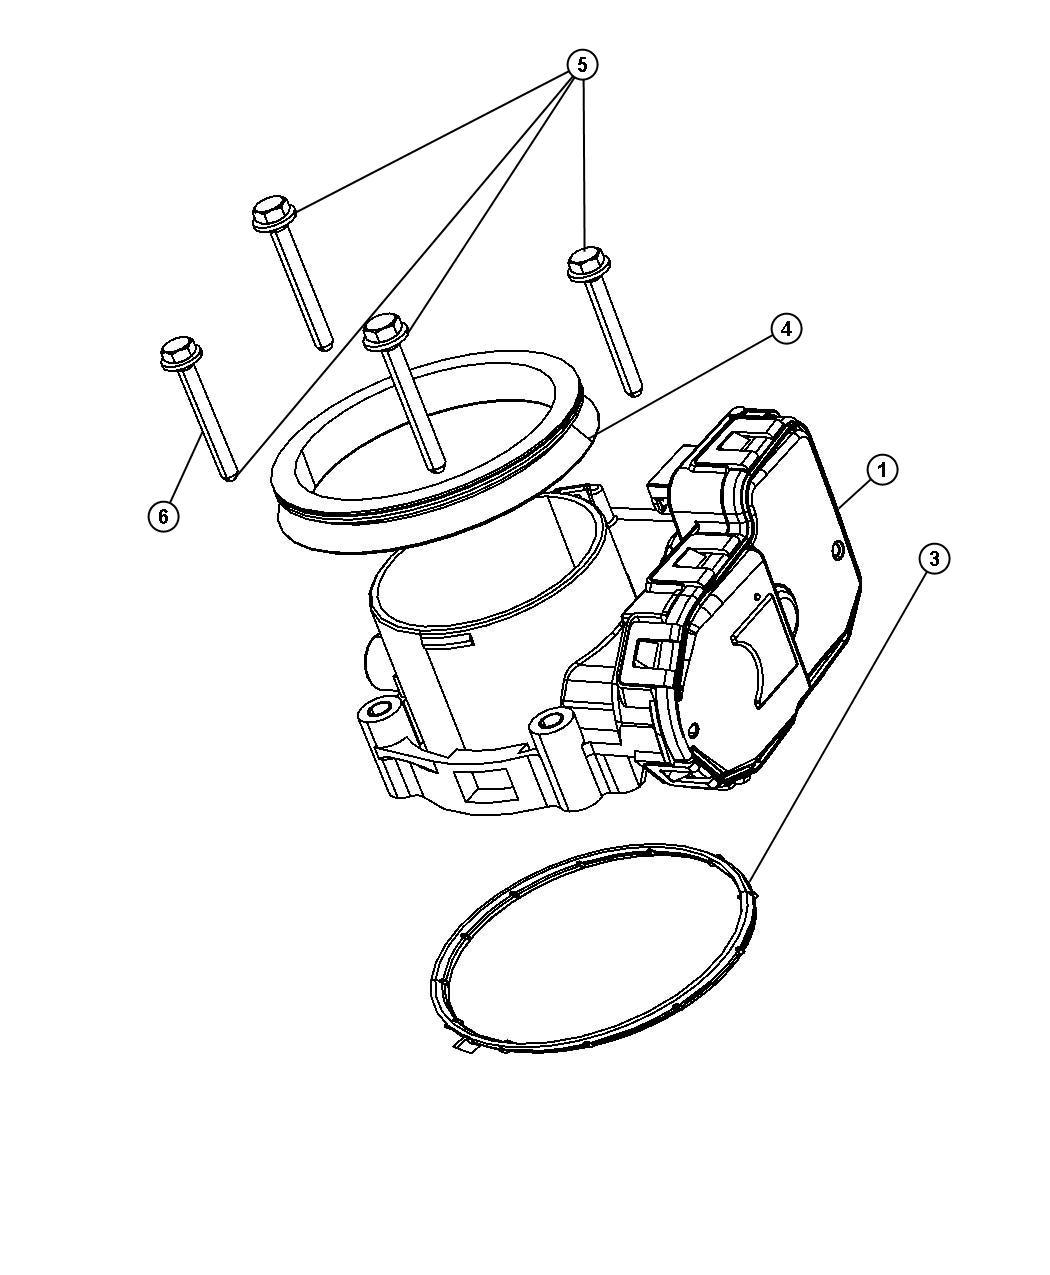 Chrysler Aspen Gasket, seal. Throttle body, throttle body